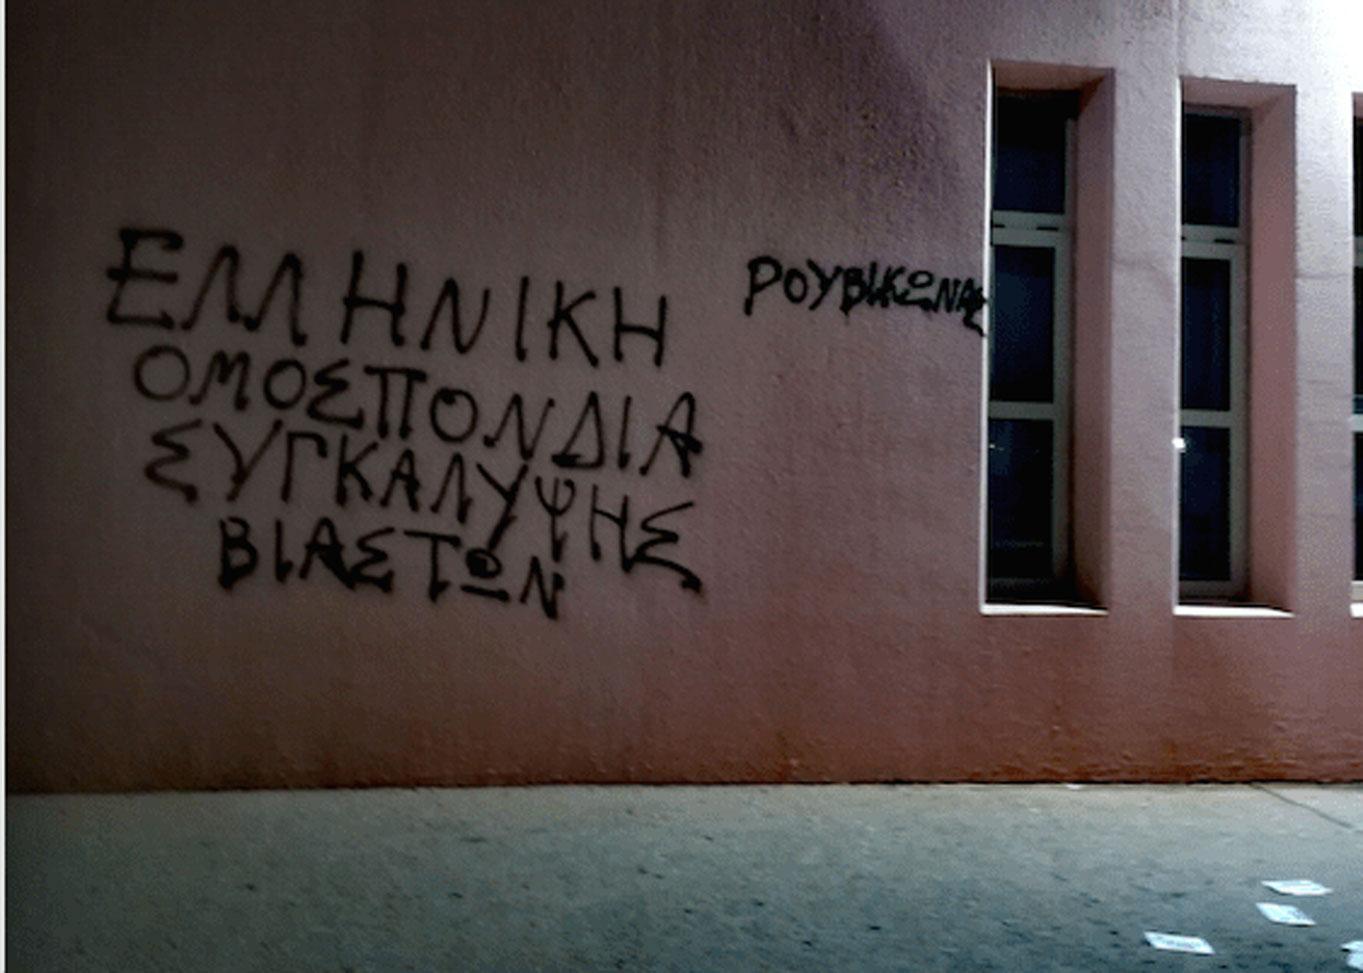 Ο Ρουβίκωνας στην Ελληνική Ιστιοπλοϊκή Ομοσπονδία: Συνθήματα και τρικάκια